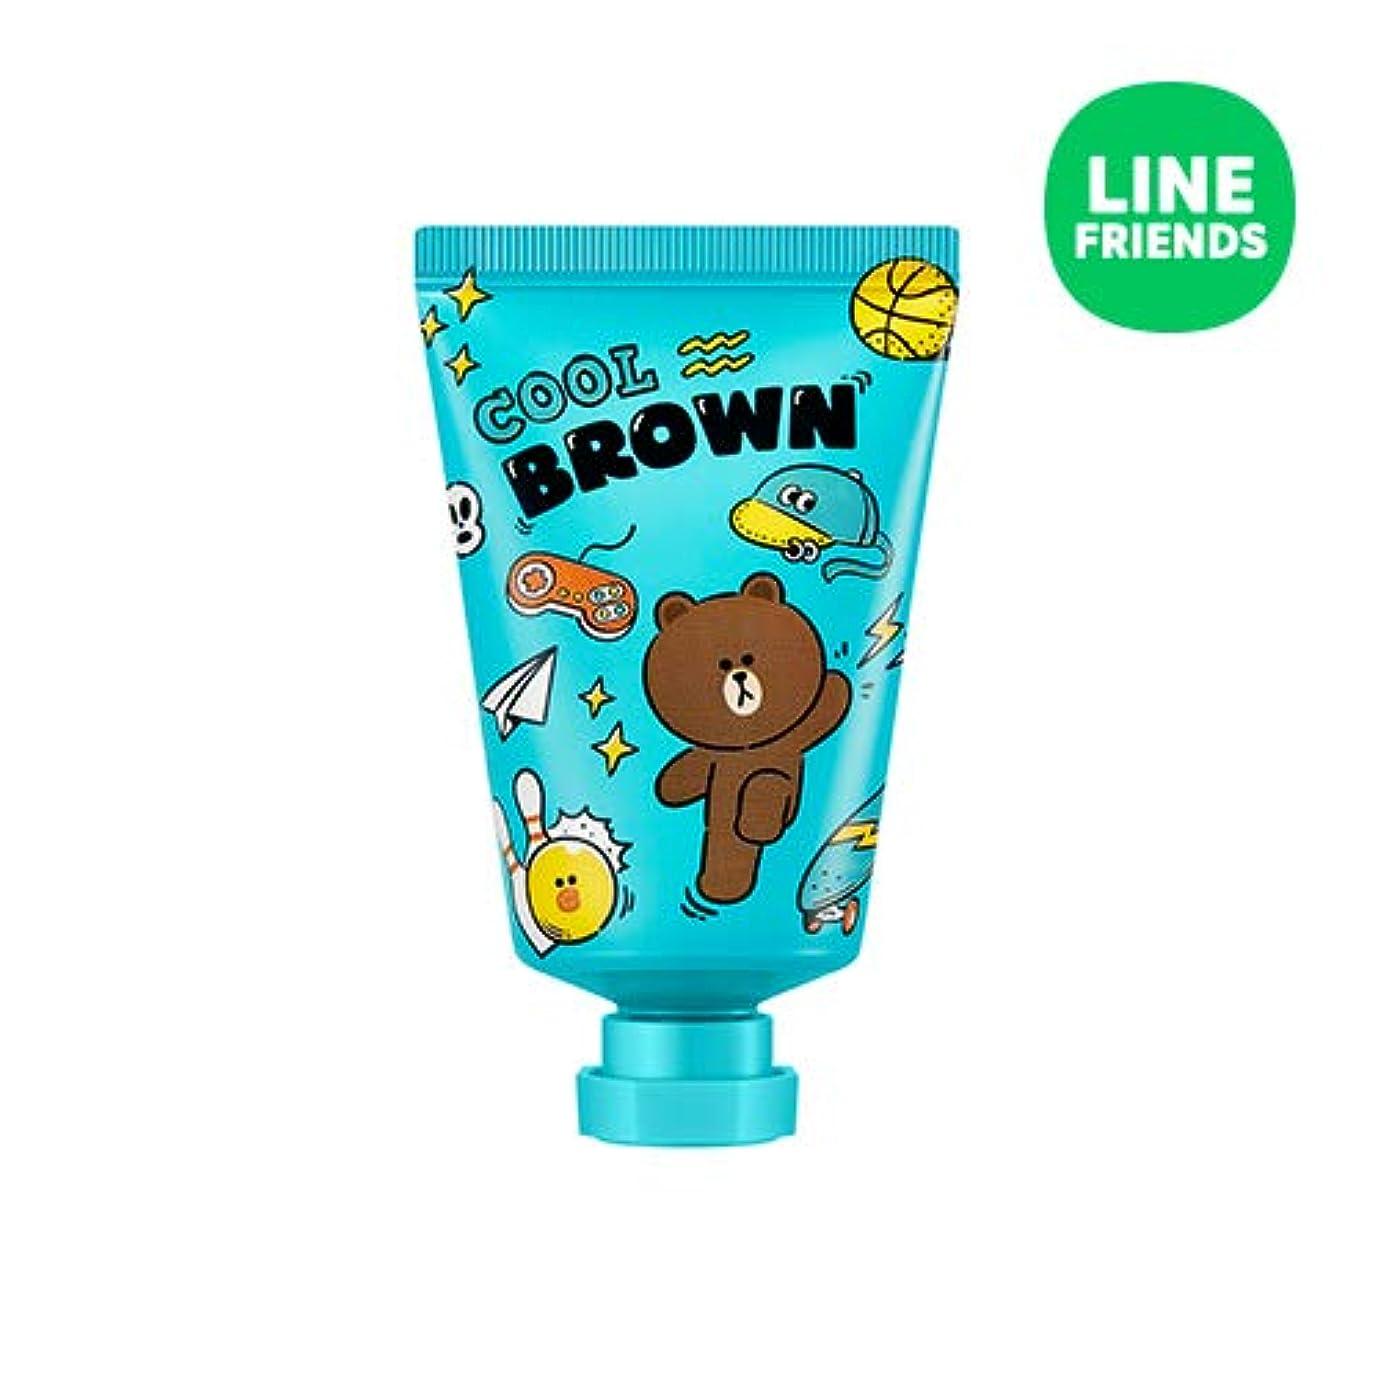 交通掘るチロミシャ(ラインフレンズ)ラブシークレットハンドクリーム 30ml MISSHA [Line Friends Edition] Love Secret Hand Cream - Brown # Grapefruit [並行輸入品]